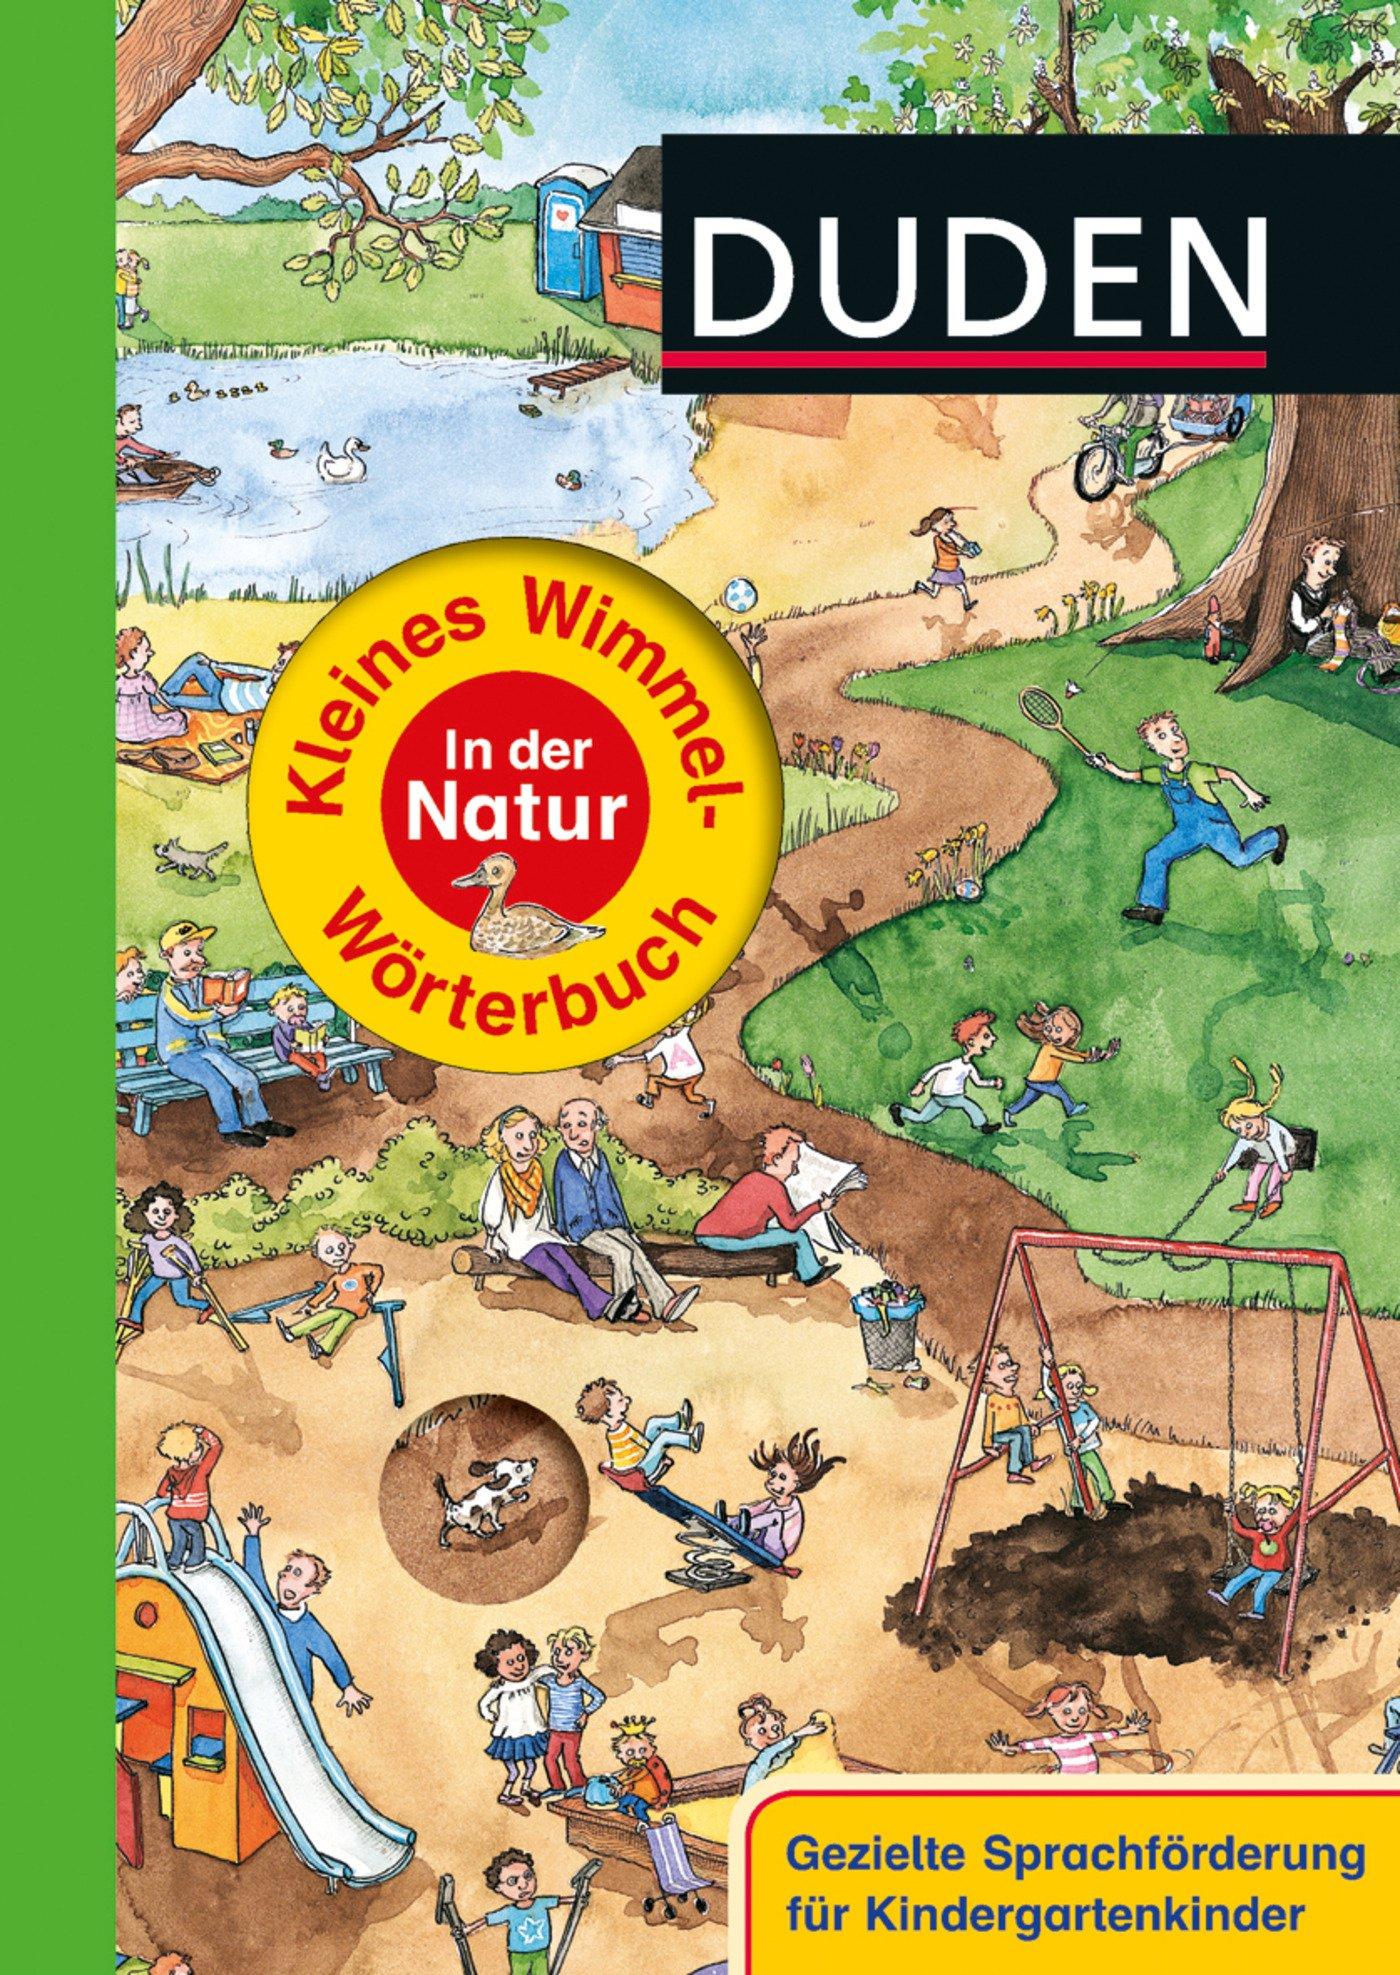 duden-kleines-wimmel-wrterbuch-in-der-natur